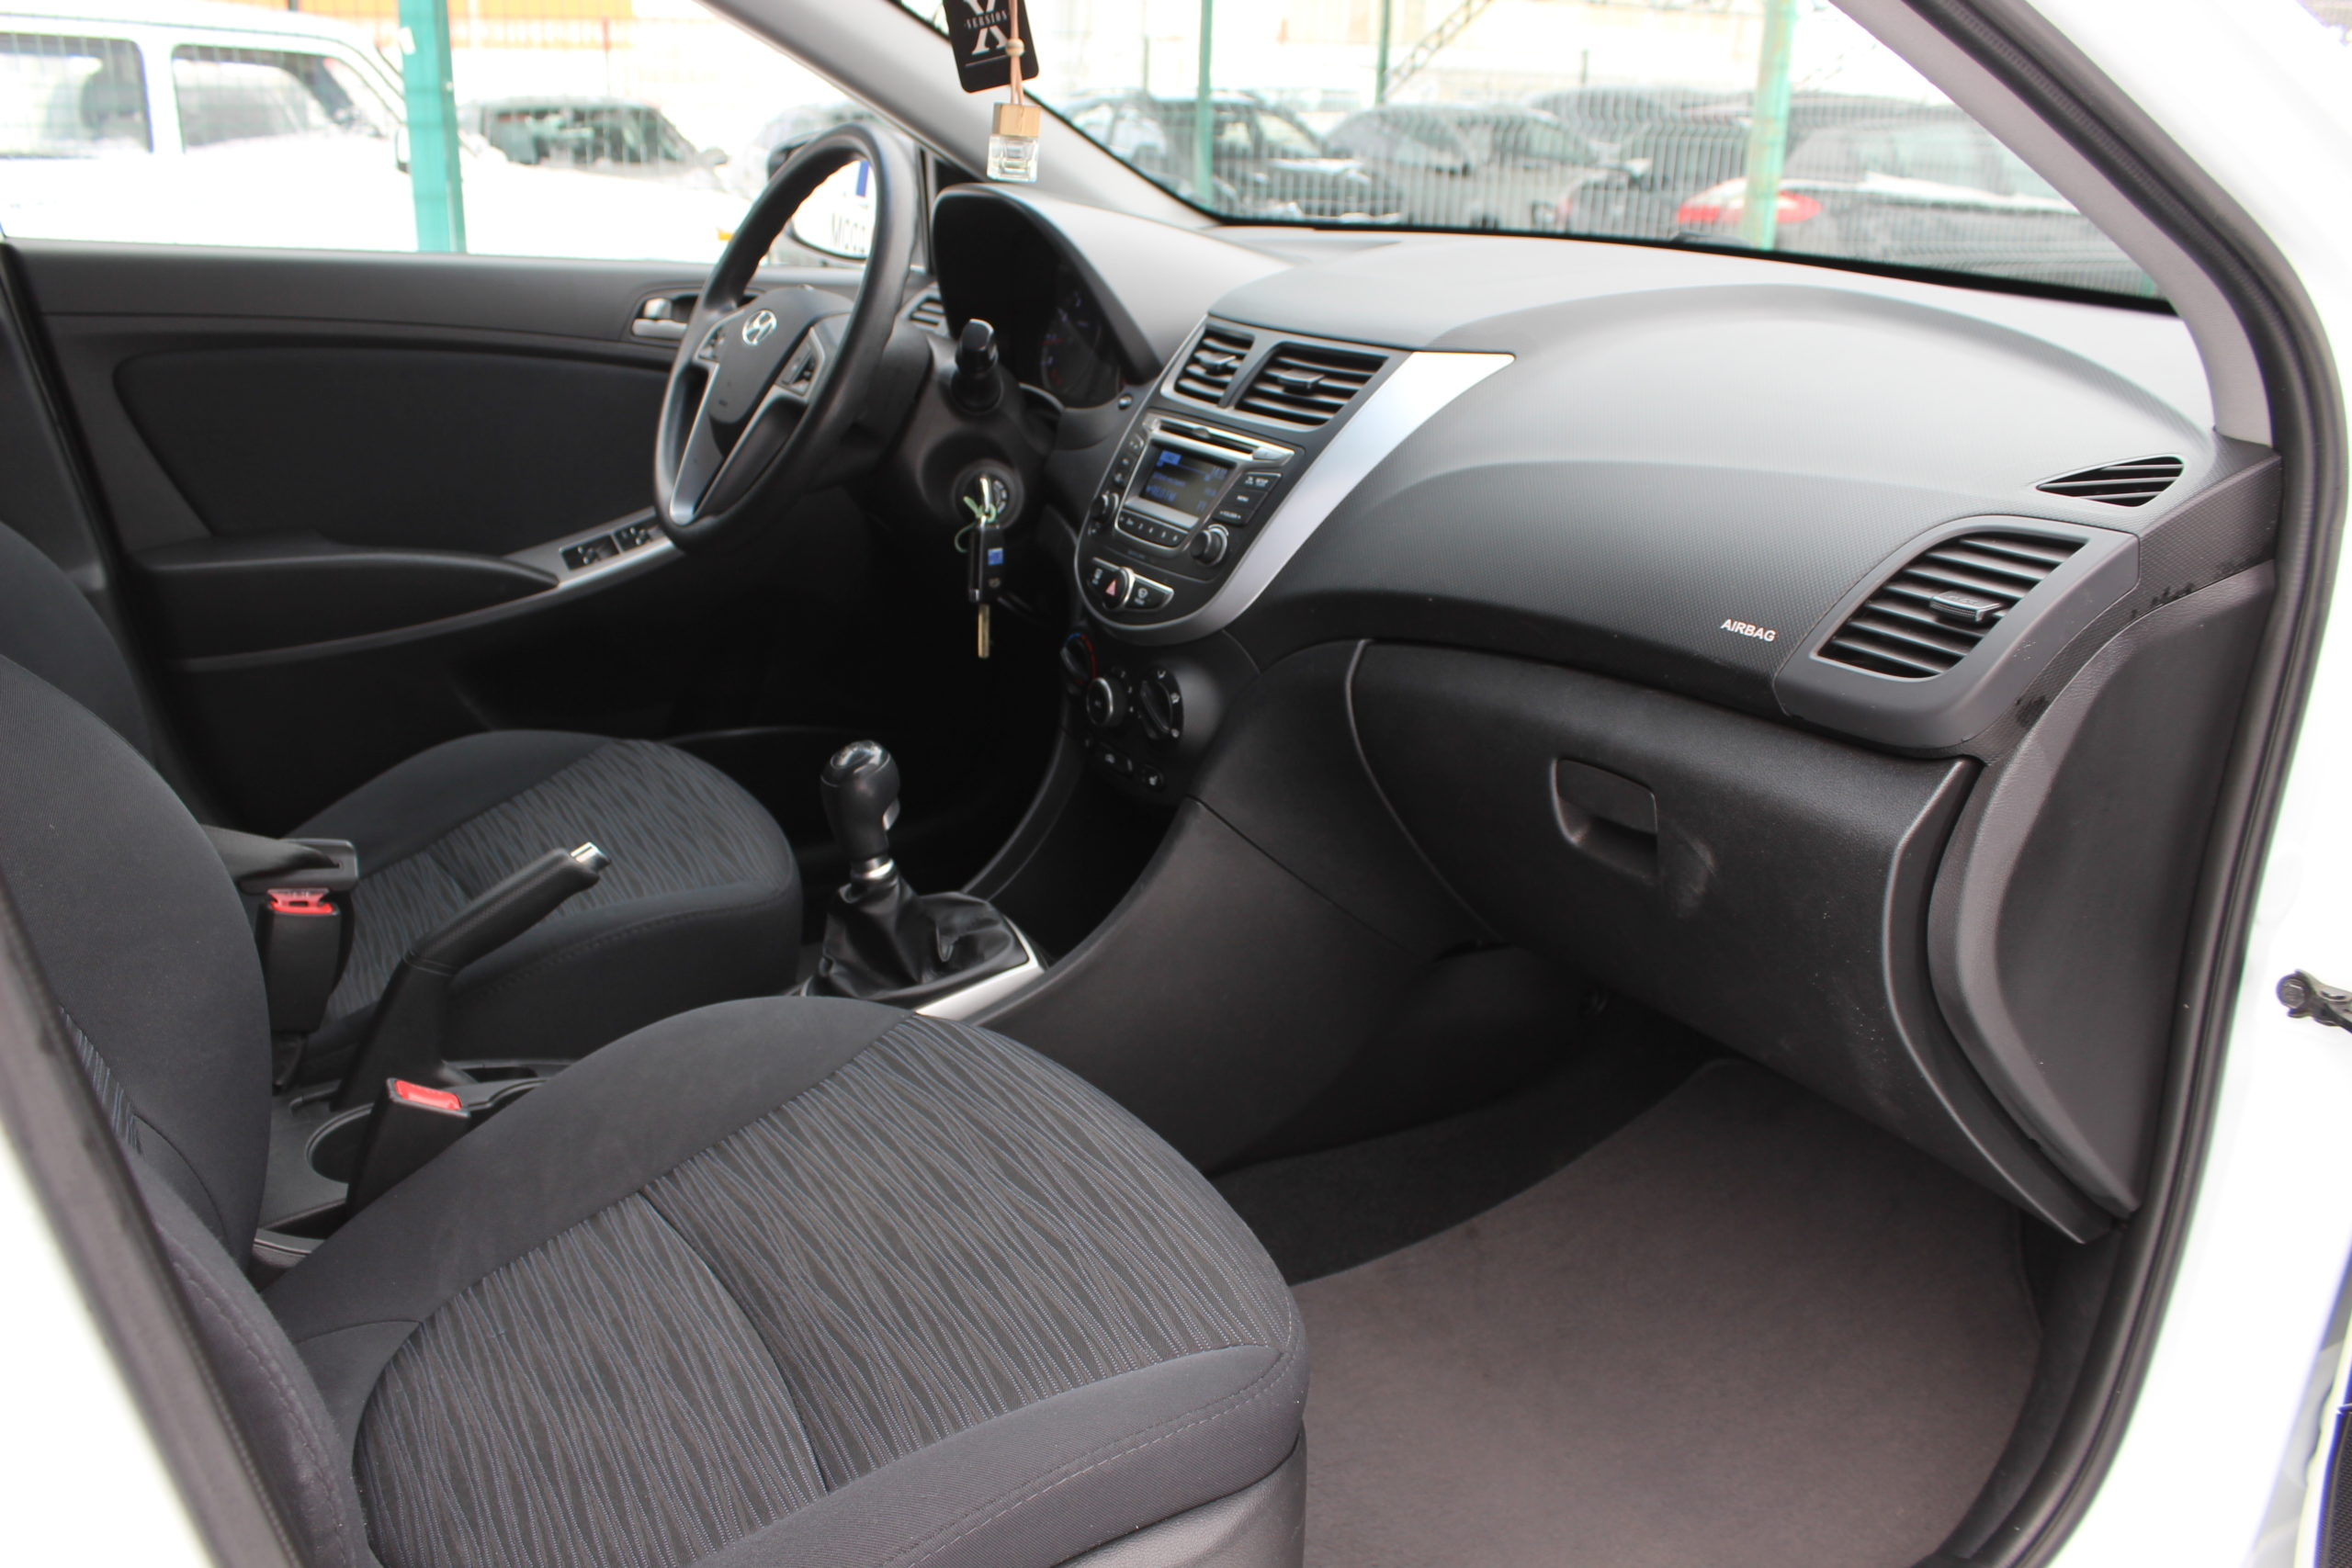 Купить Hyundai Solaris (565000) - Автопарк Ставрополь